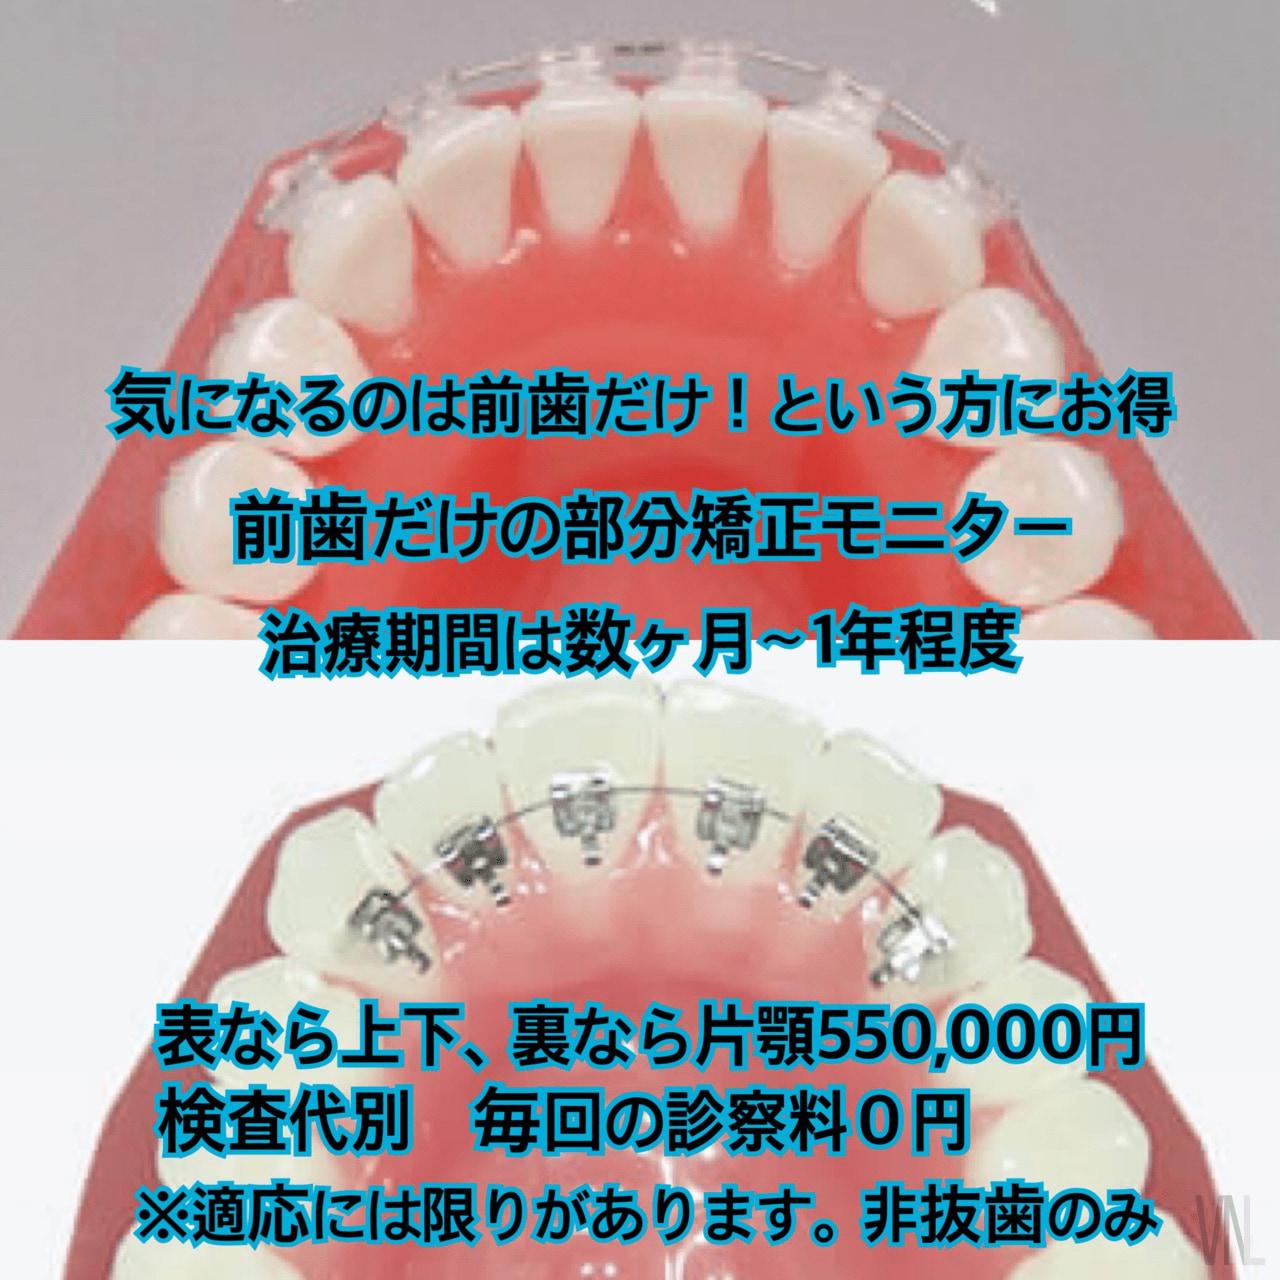 モニター 前歯の部分矯正